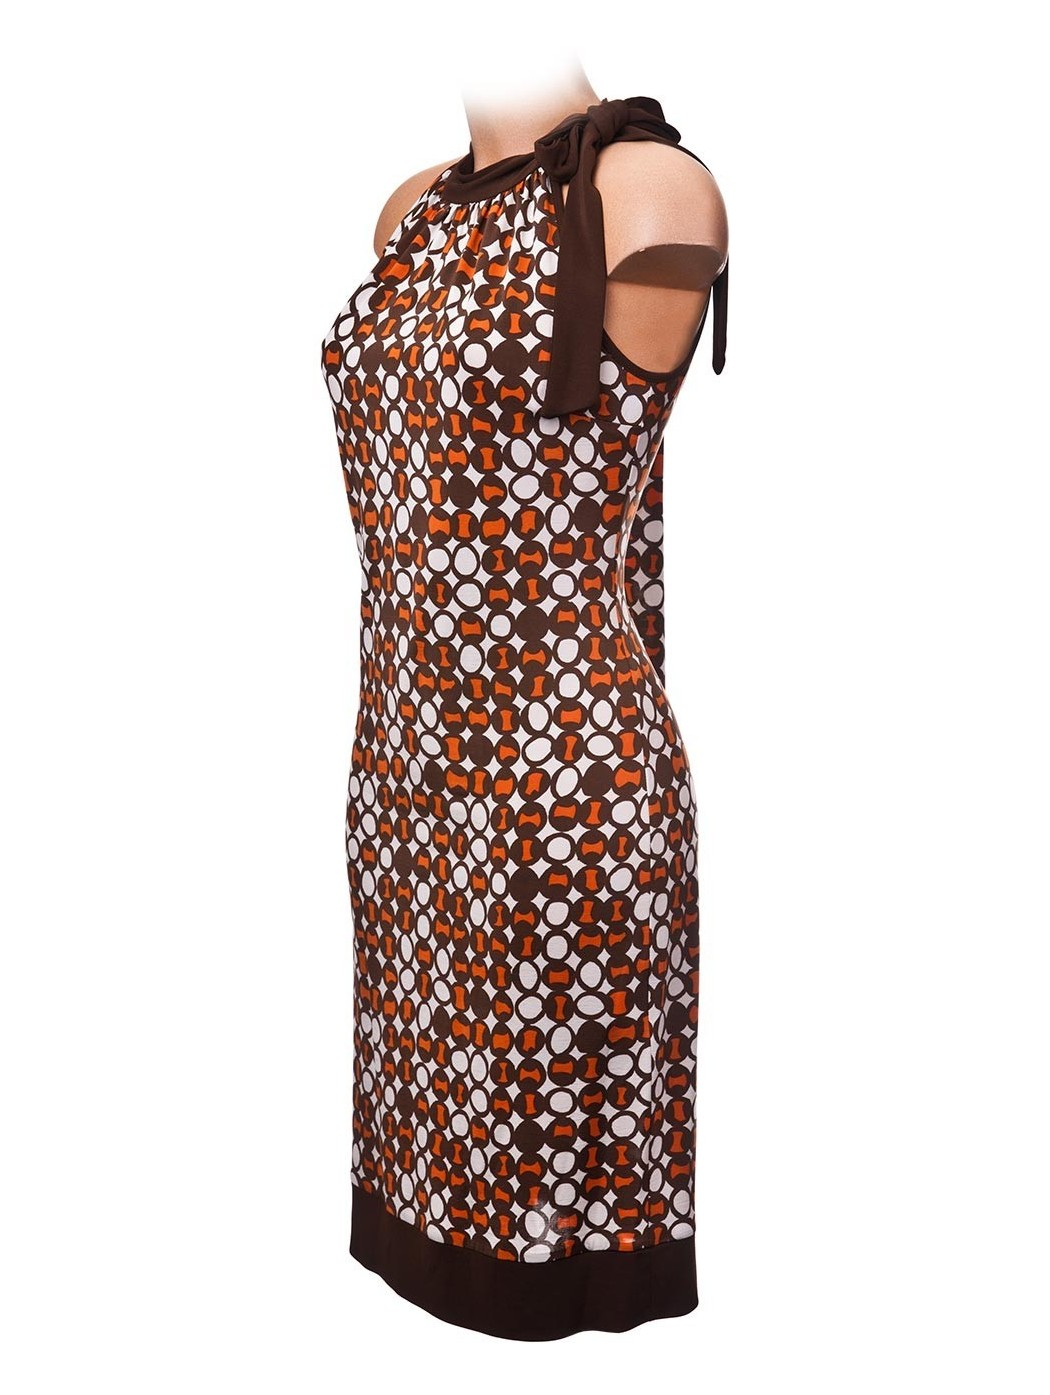 Halter neckline dress